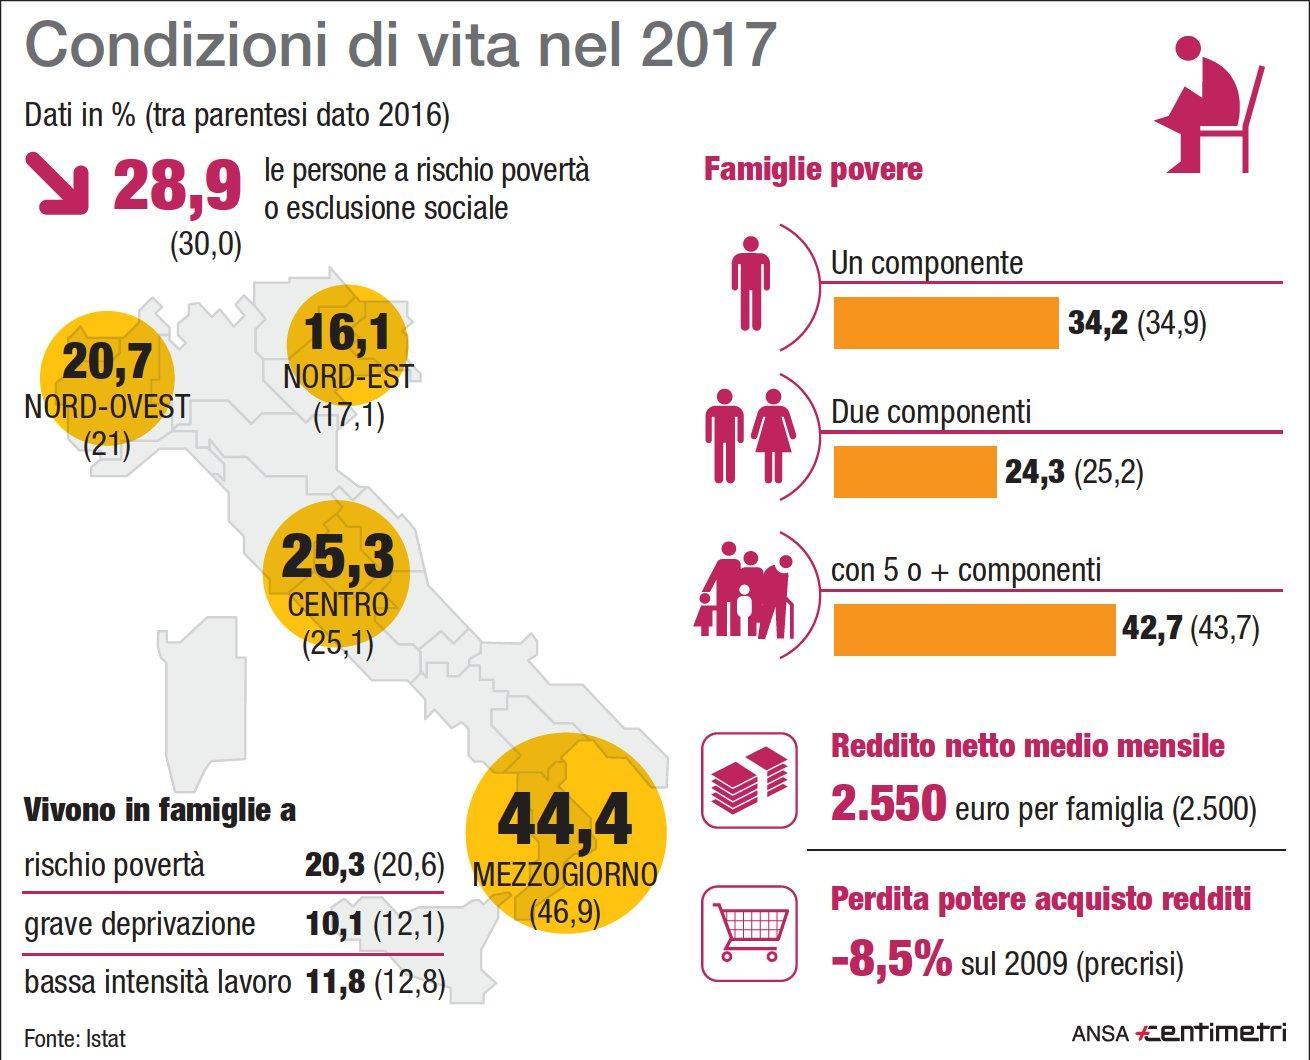 Povertà. la fotografia Istat dell Italia nel 2017